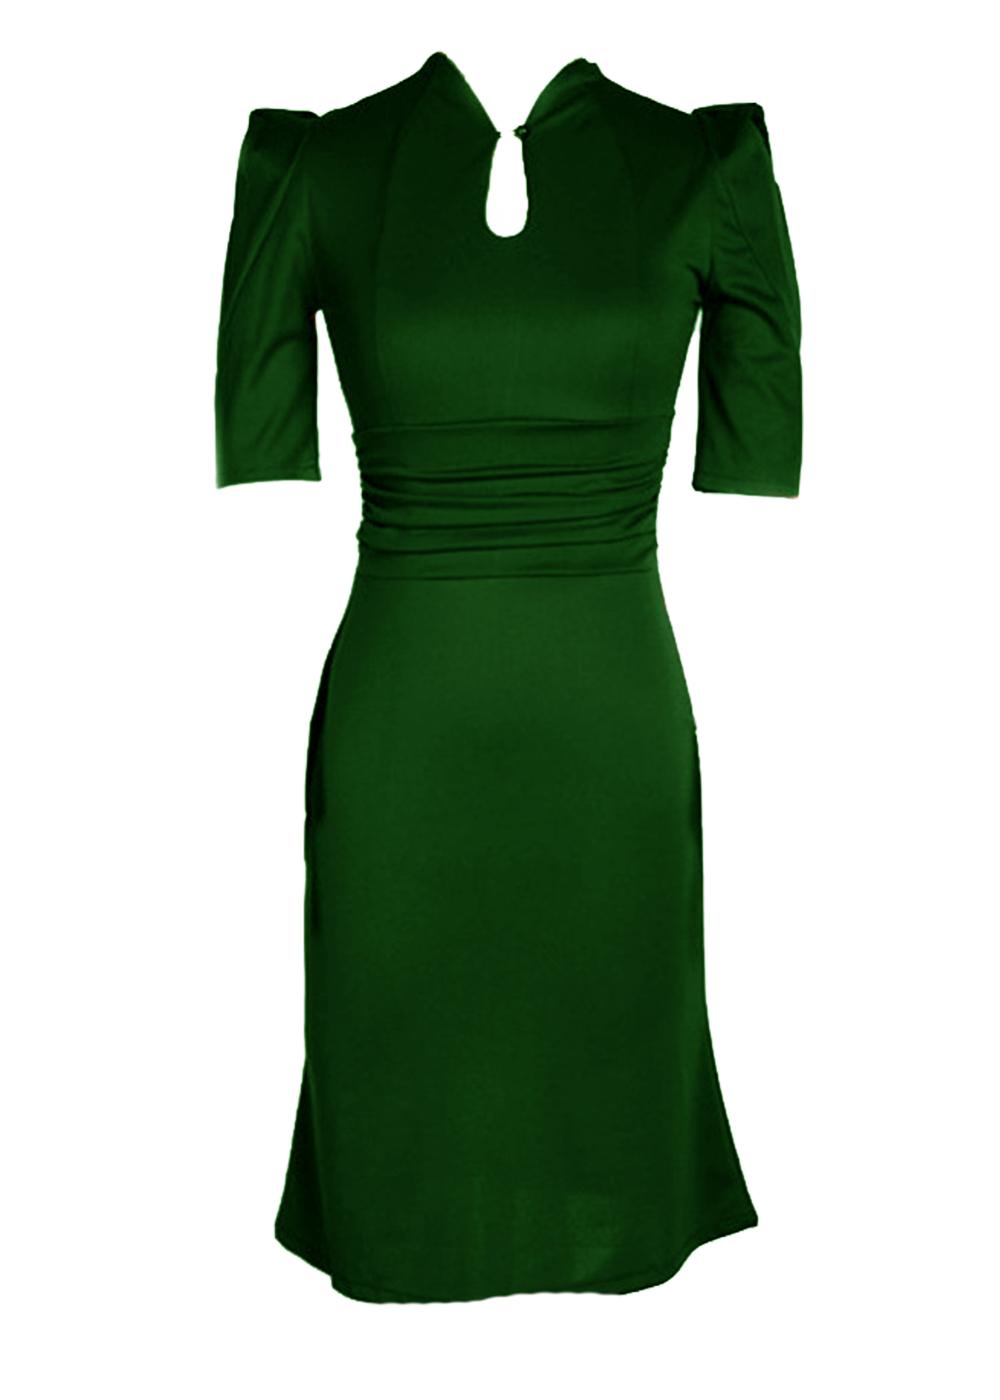 Etui kleider bekleidung ladies style oldieshop for Accessoires und geschenke